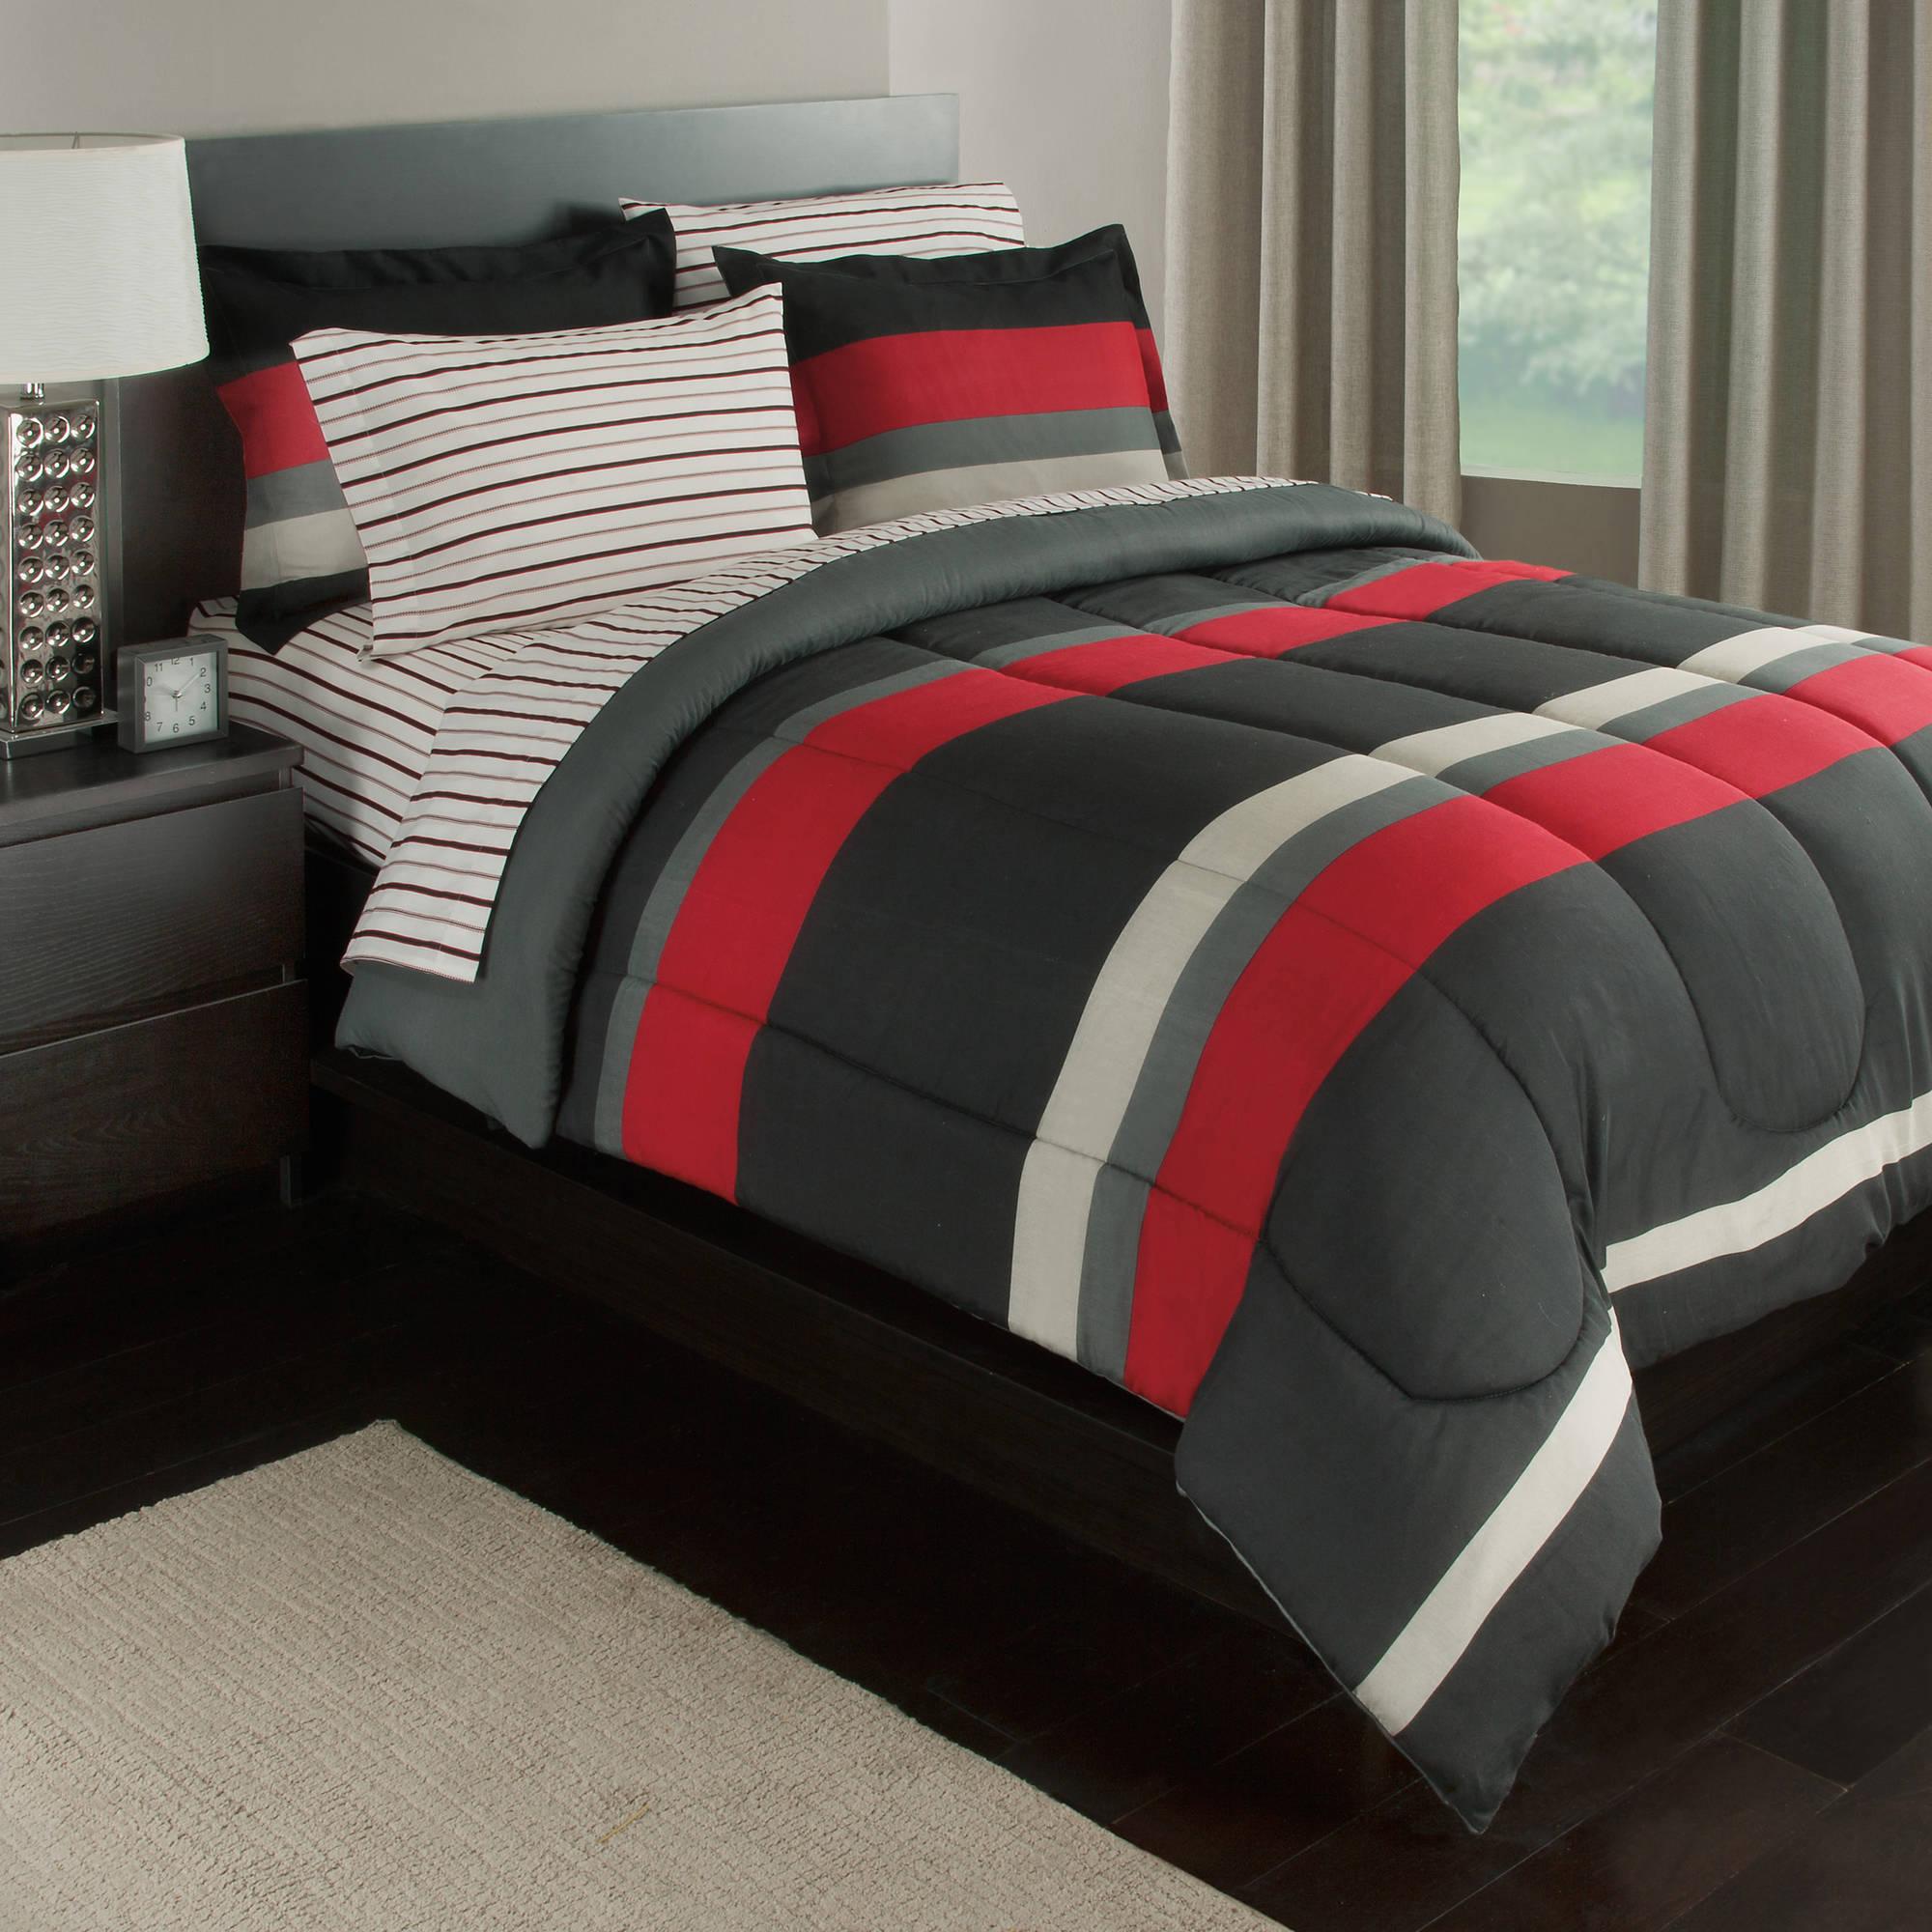 rustic bedding walmart com